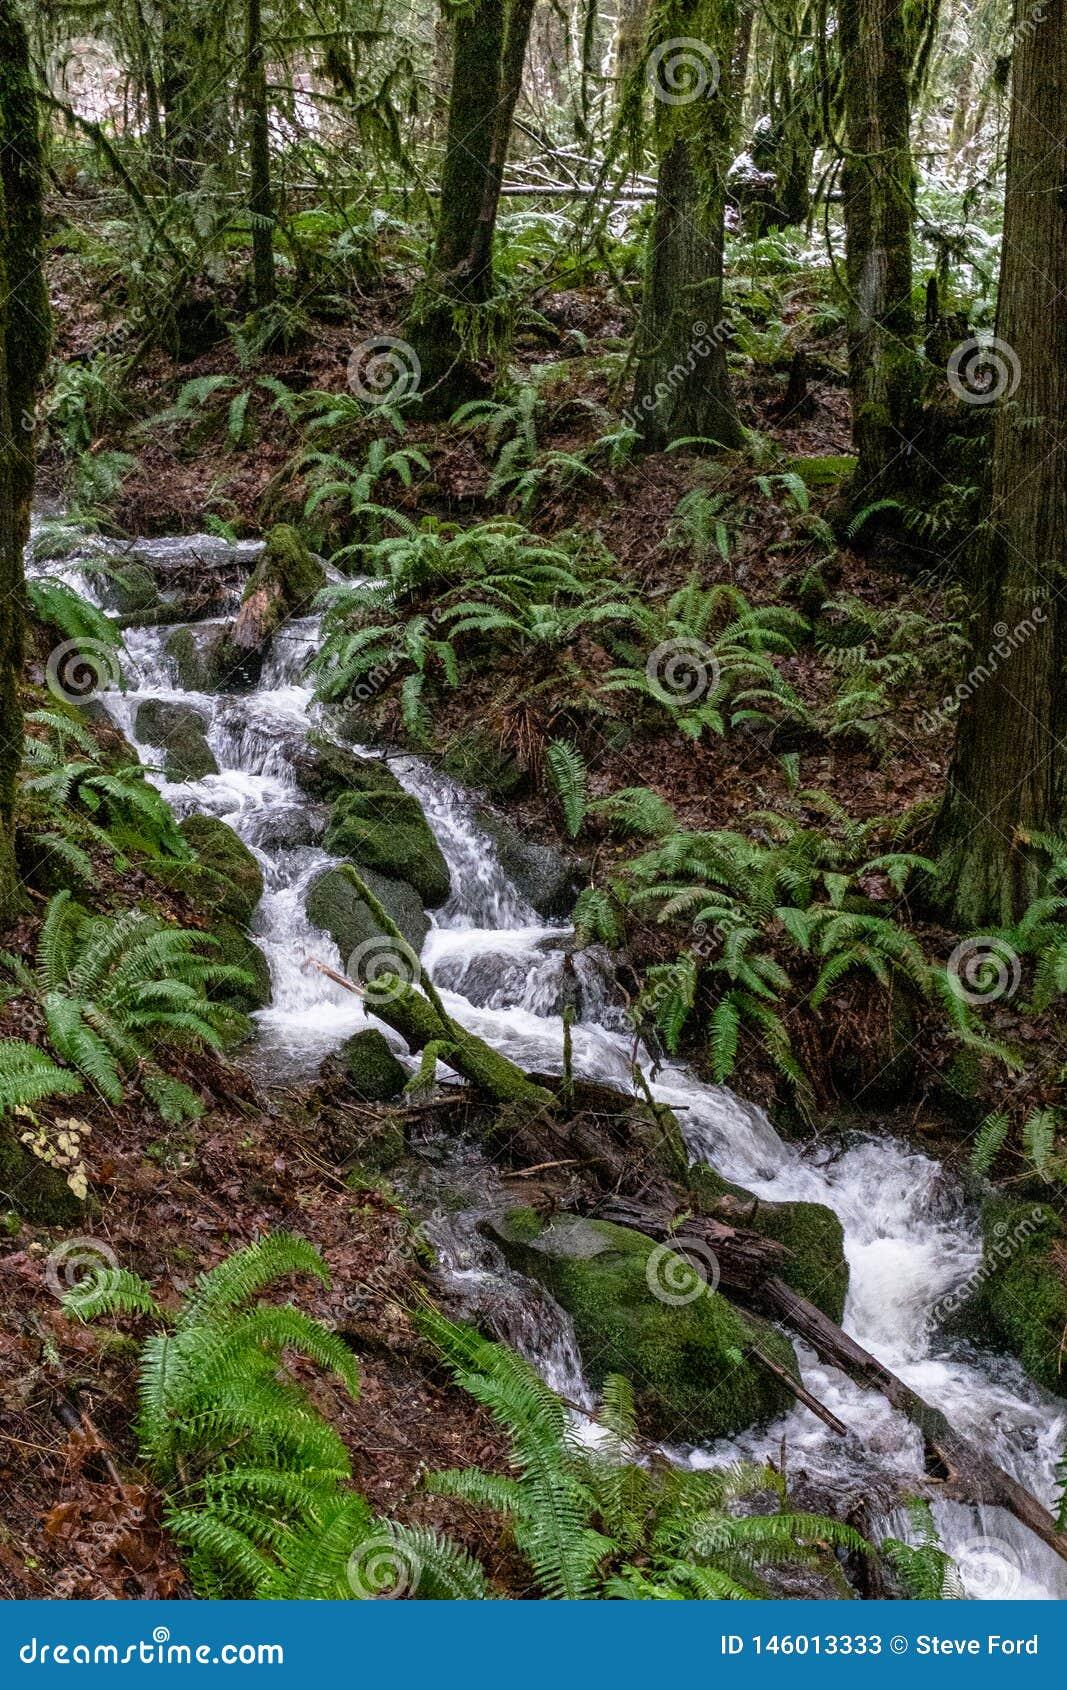 Um fluxo rápido inundado do córrego sobre rochas e árvores em uma experimentação nas madeiras apenas fora de Portland, Oregon, EU